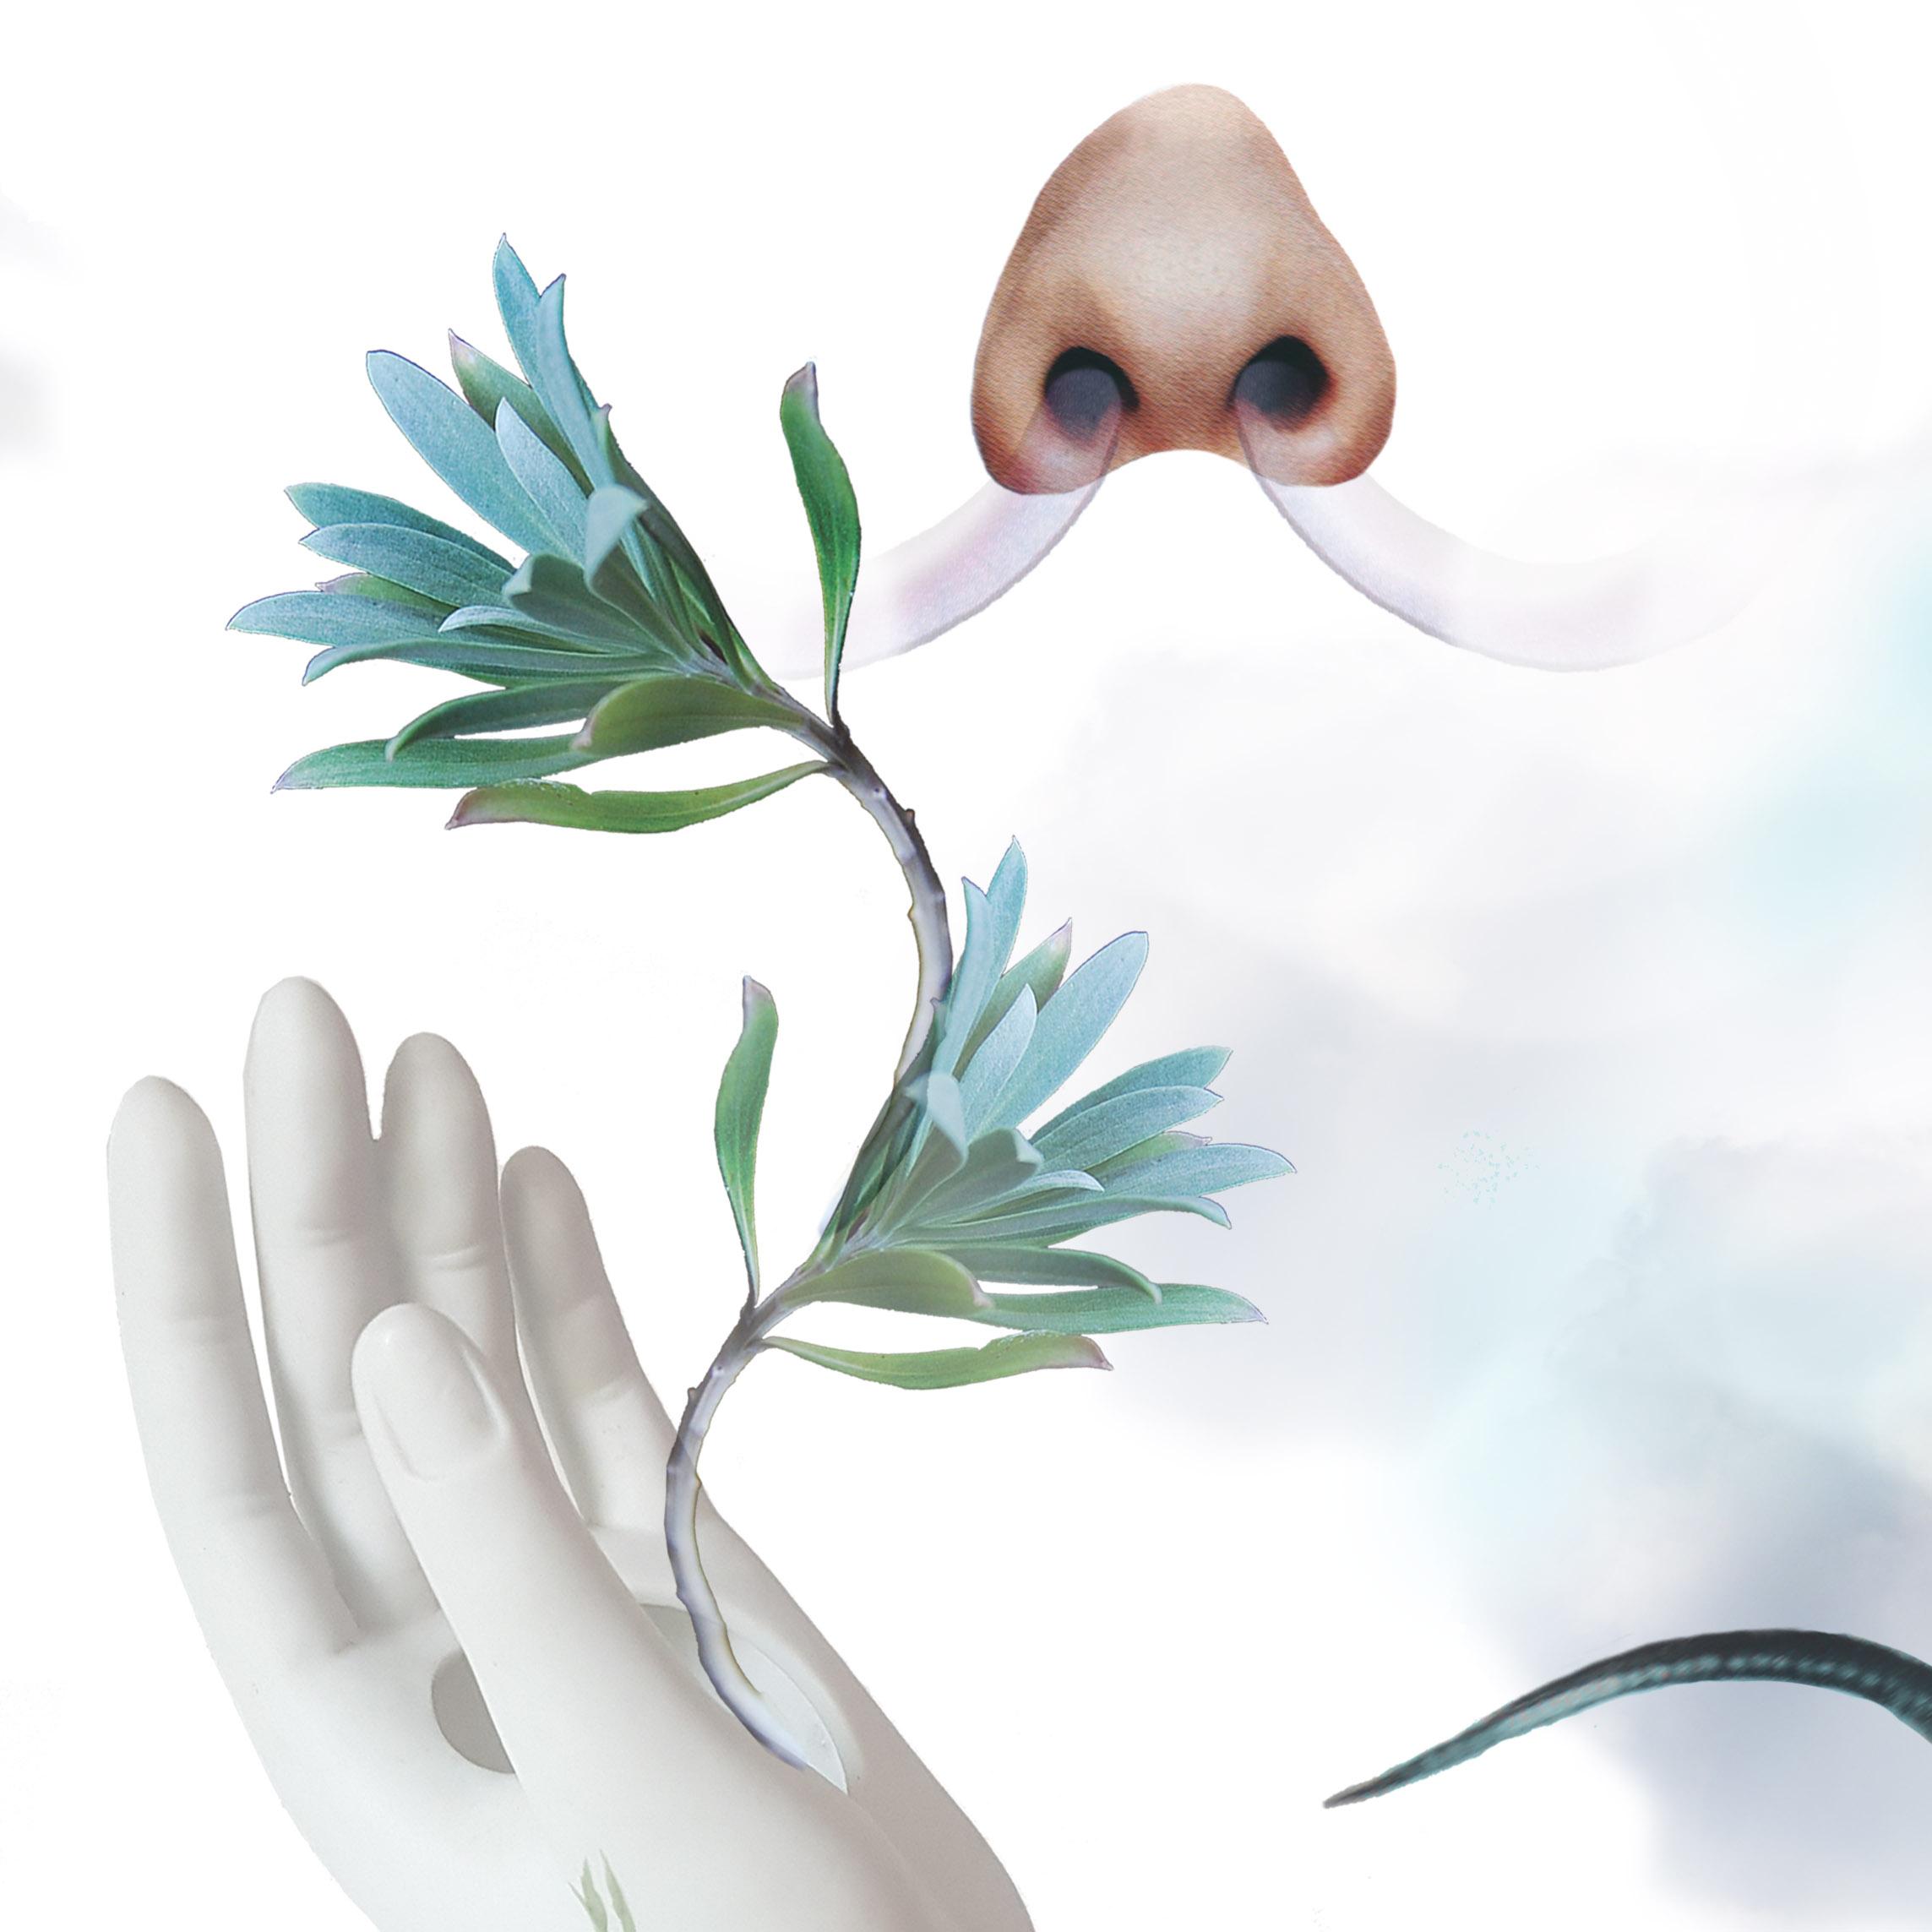 Grafika barwna w formacie kwadratu. Kolaż na białym tle. W prawym górnym rogu nos, z którego dziurek wychodzą dwa wydechy. W lewym dolnym rogu biała dłoń, z której wyrasta duża zielona gałązka.